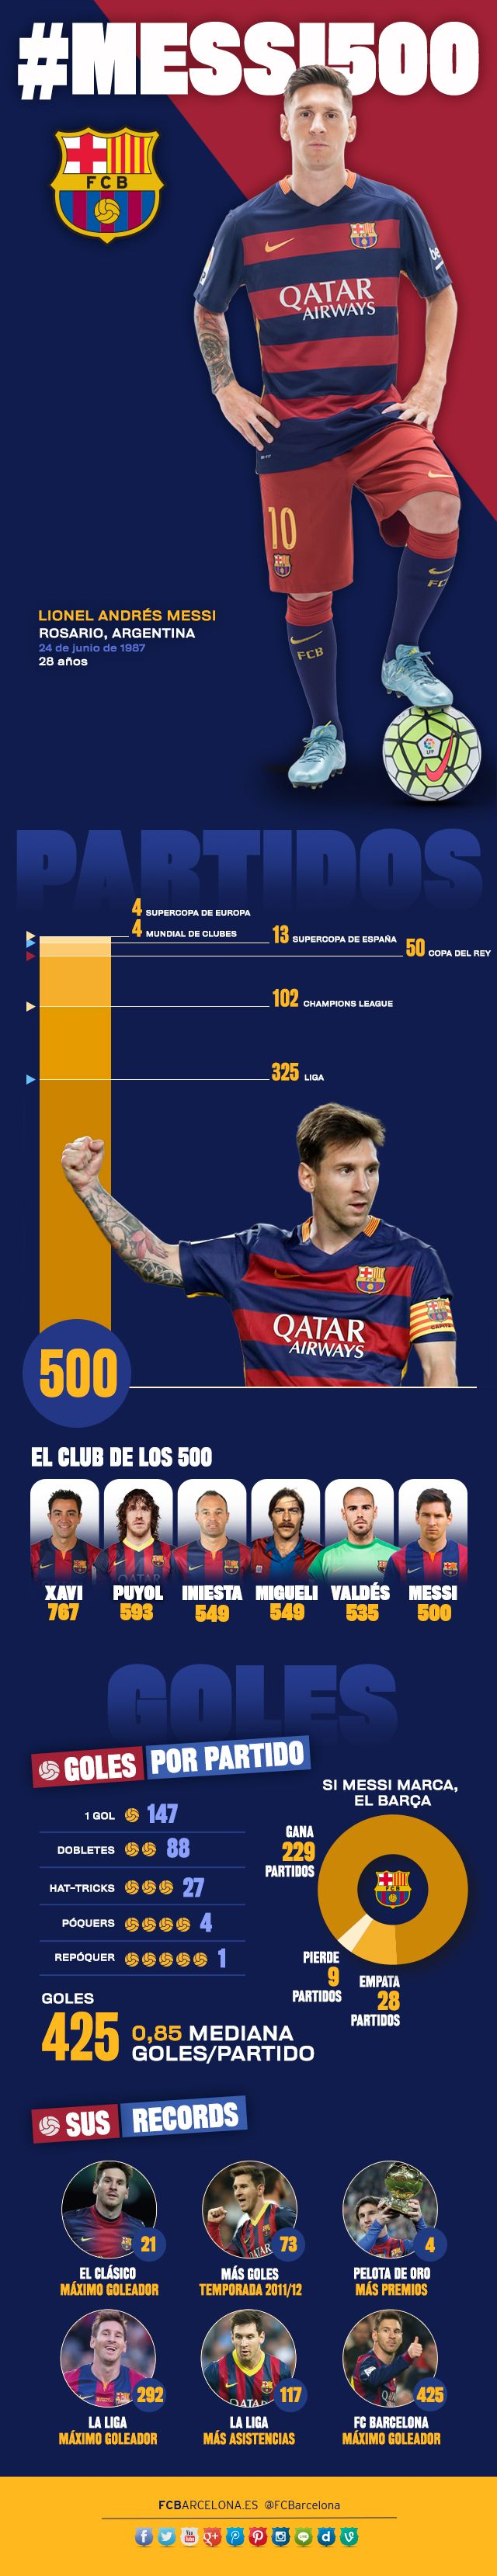 El infográfico de los 500 partidos de Leo Messi #FCBarcelona #Messi #MessiFCB #FansFCB #Football #10 #FCB